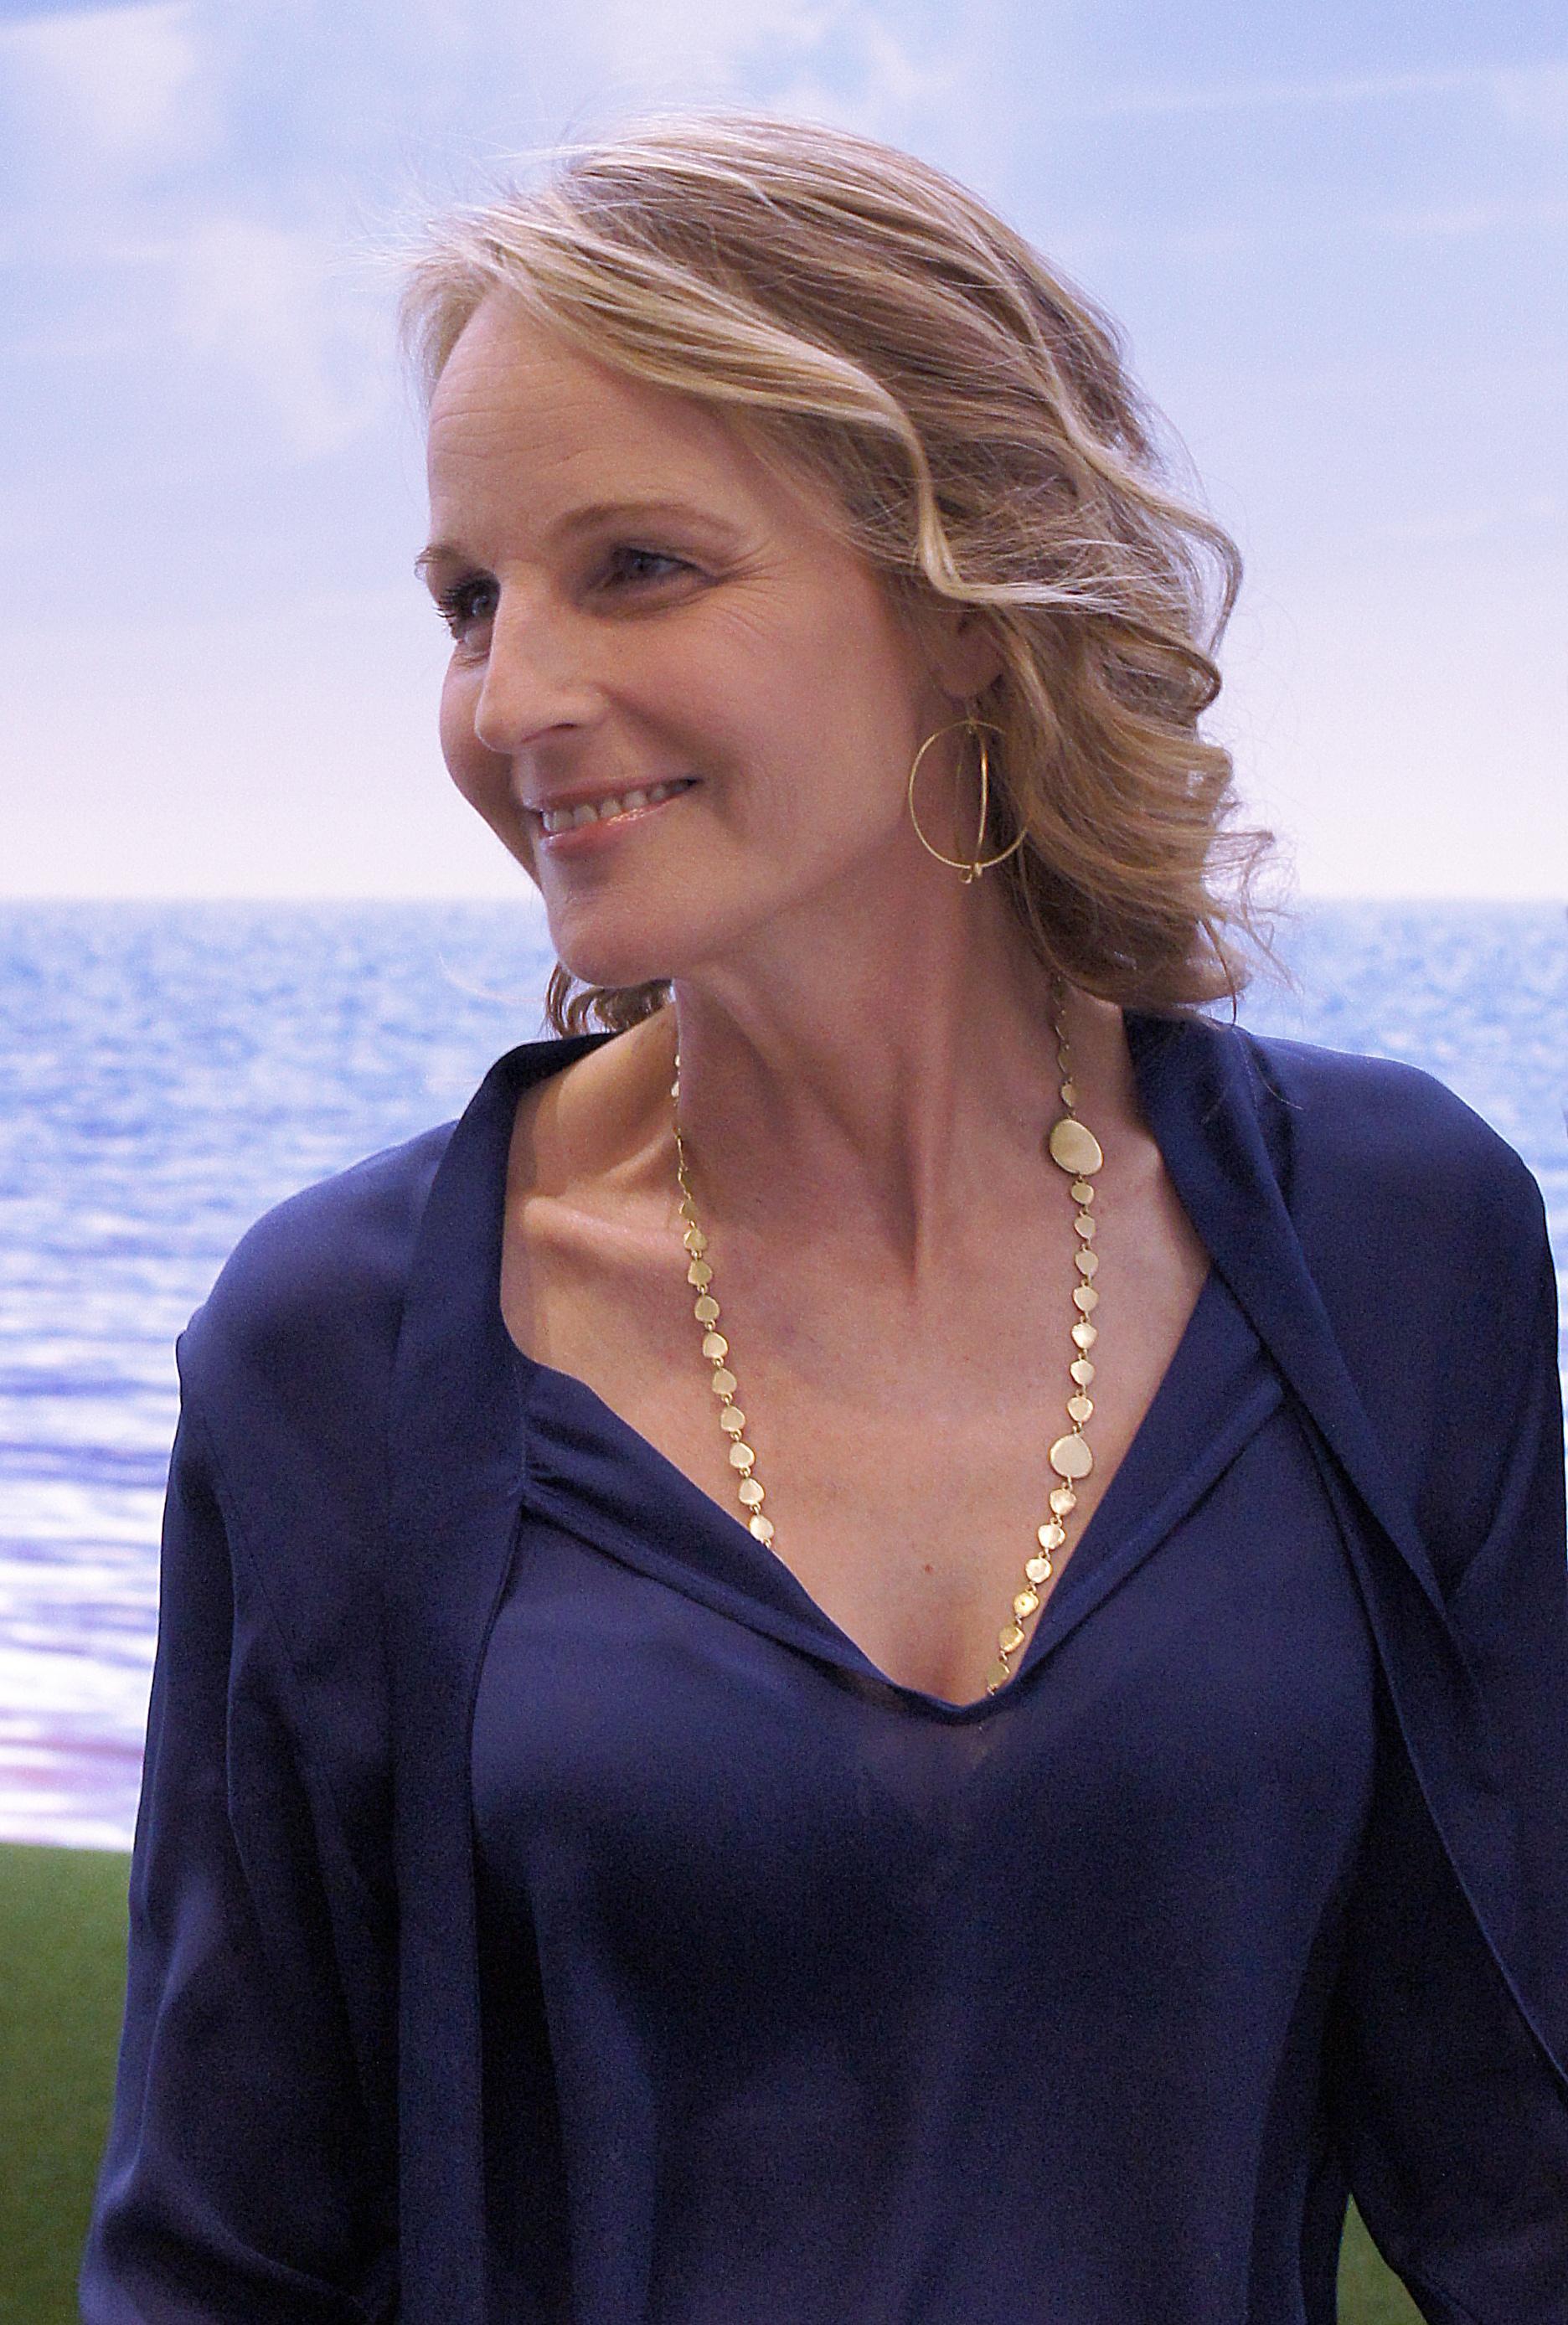 Helen Hunt Wikipedia